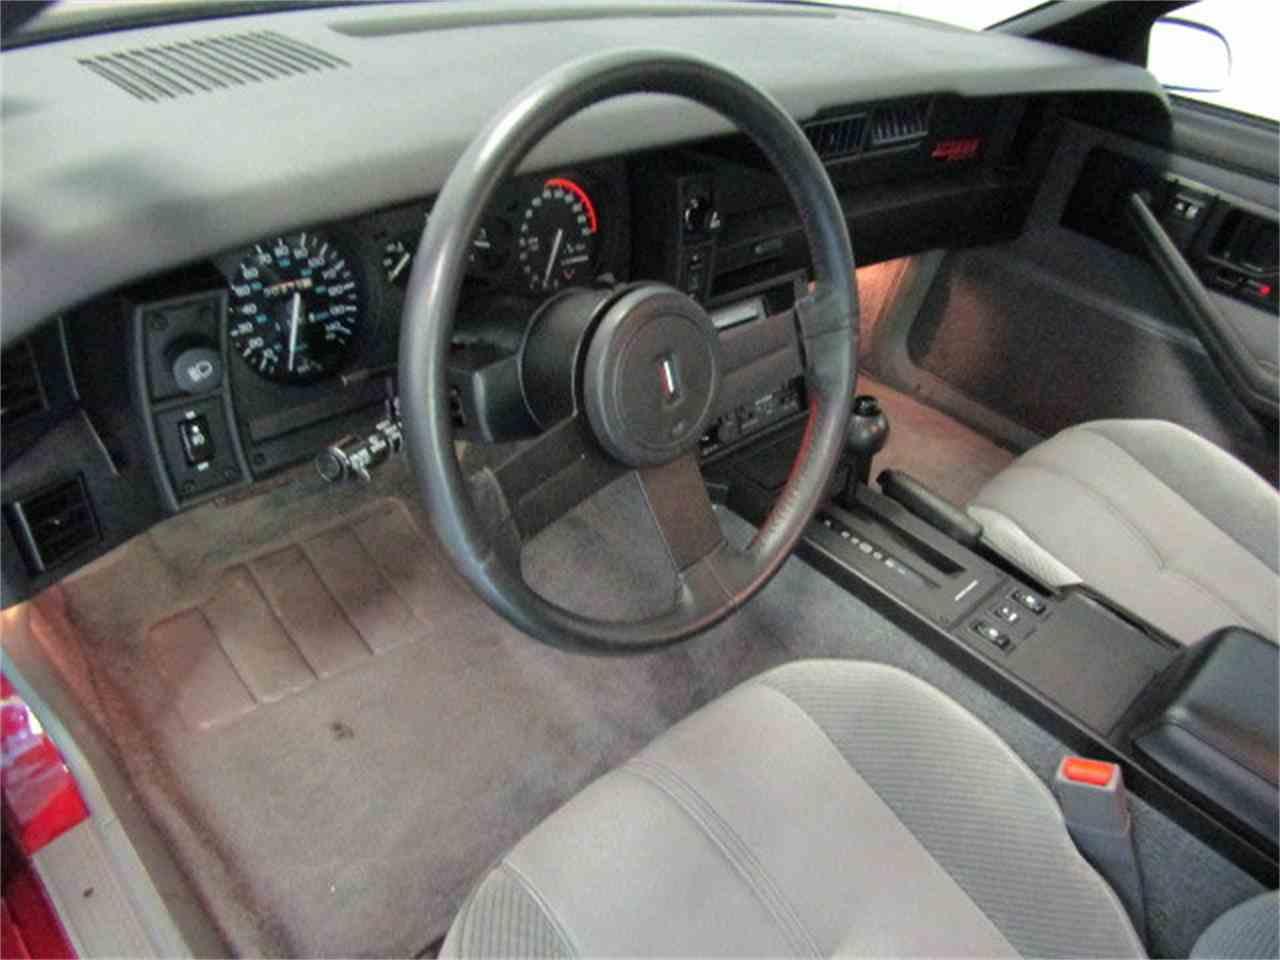 Large Picture of '86 Camaro located in Christiansburg Virginia - $24,900.00 - JLAE